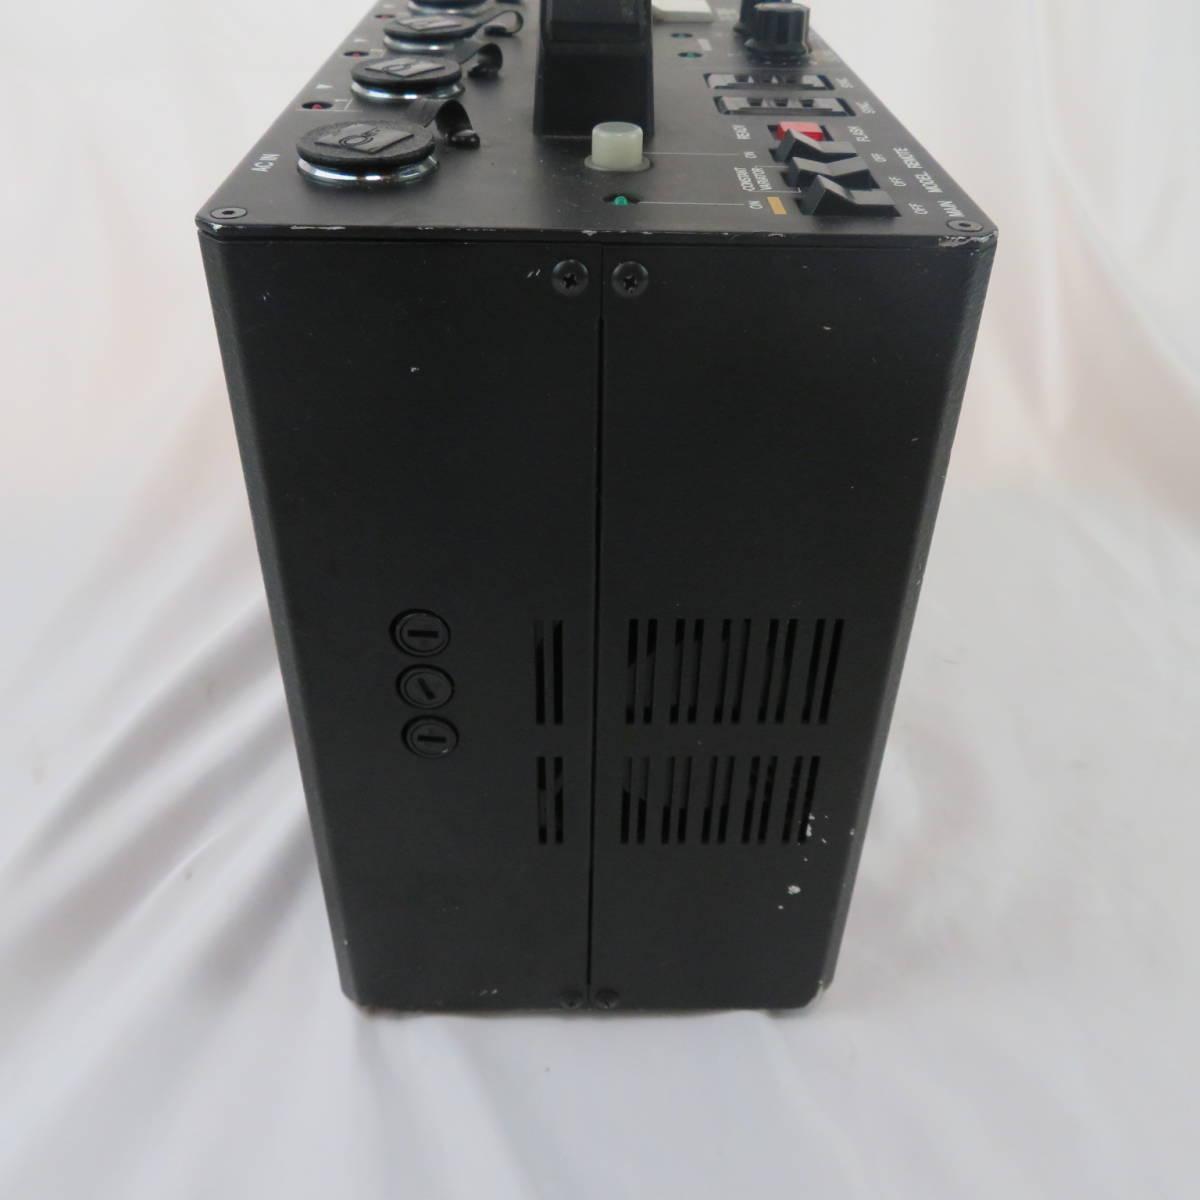 コメット CL-2500 ストロボ 業務用 動作未確認(20-1092)_画像6